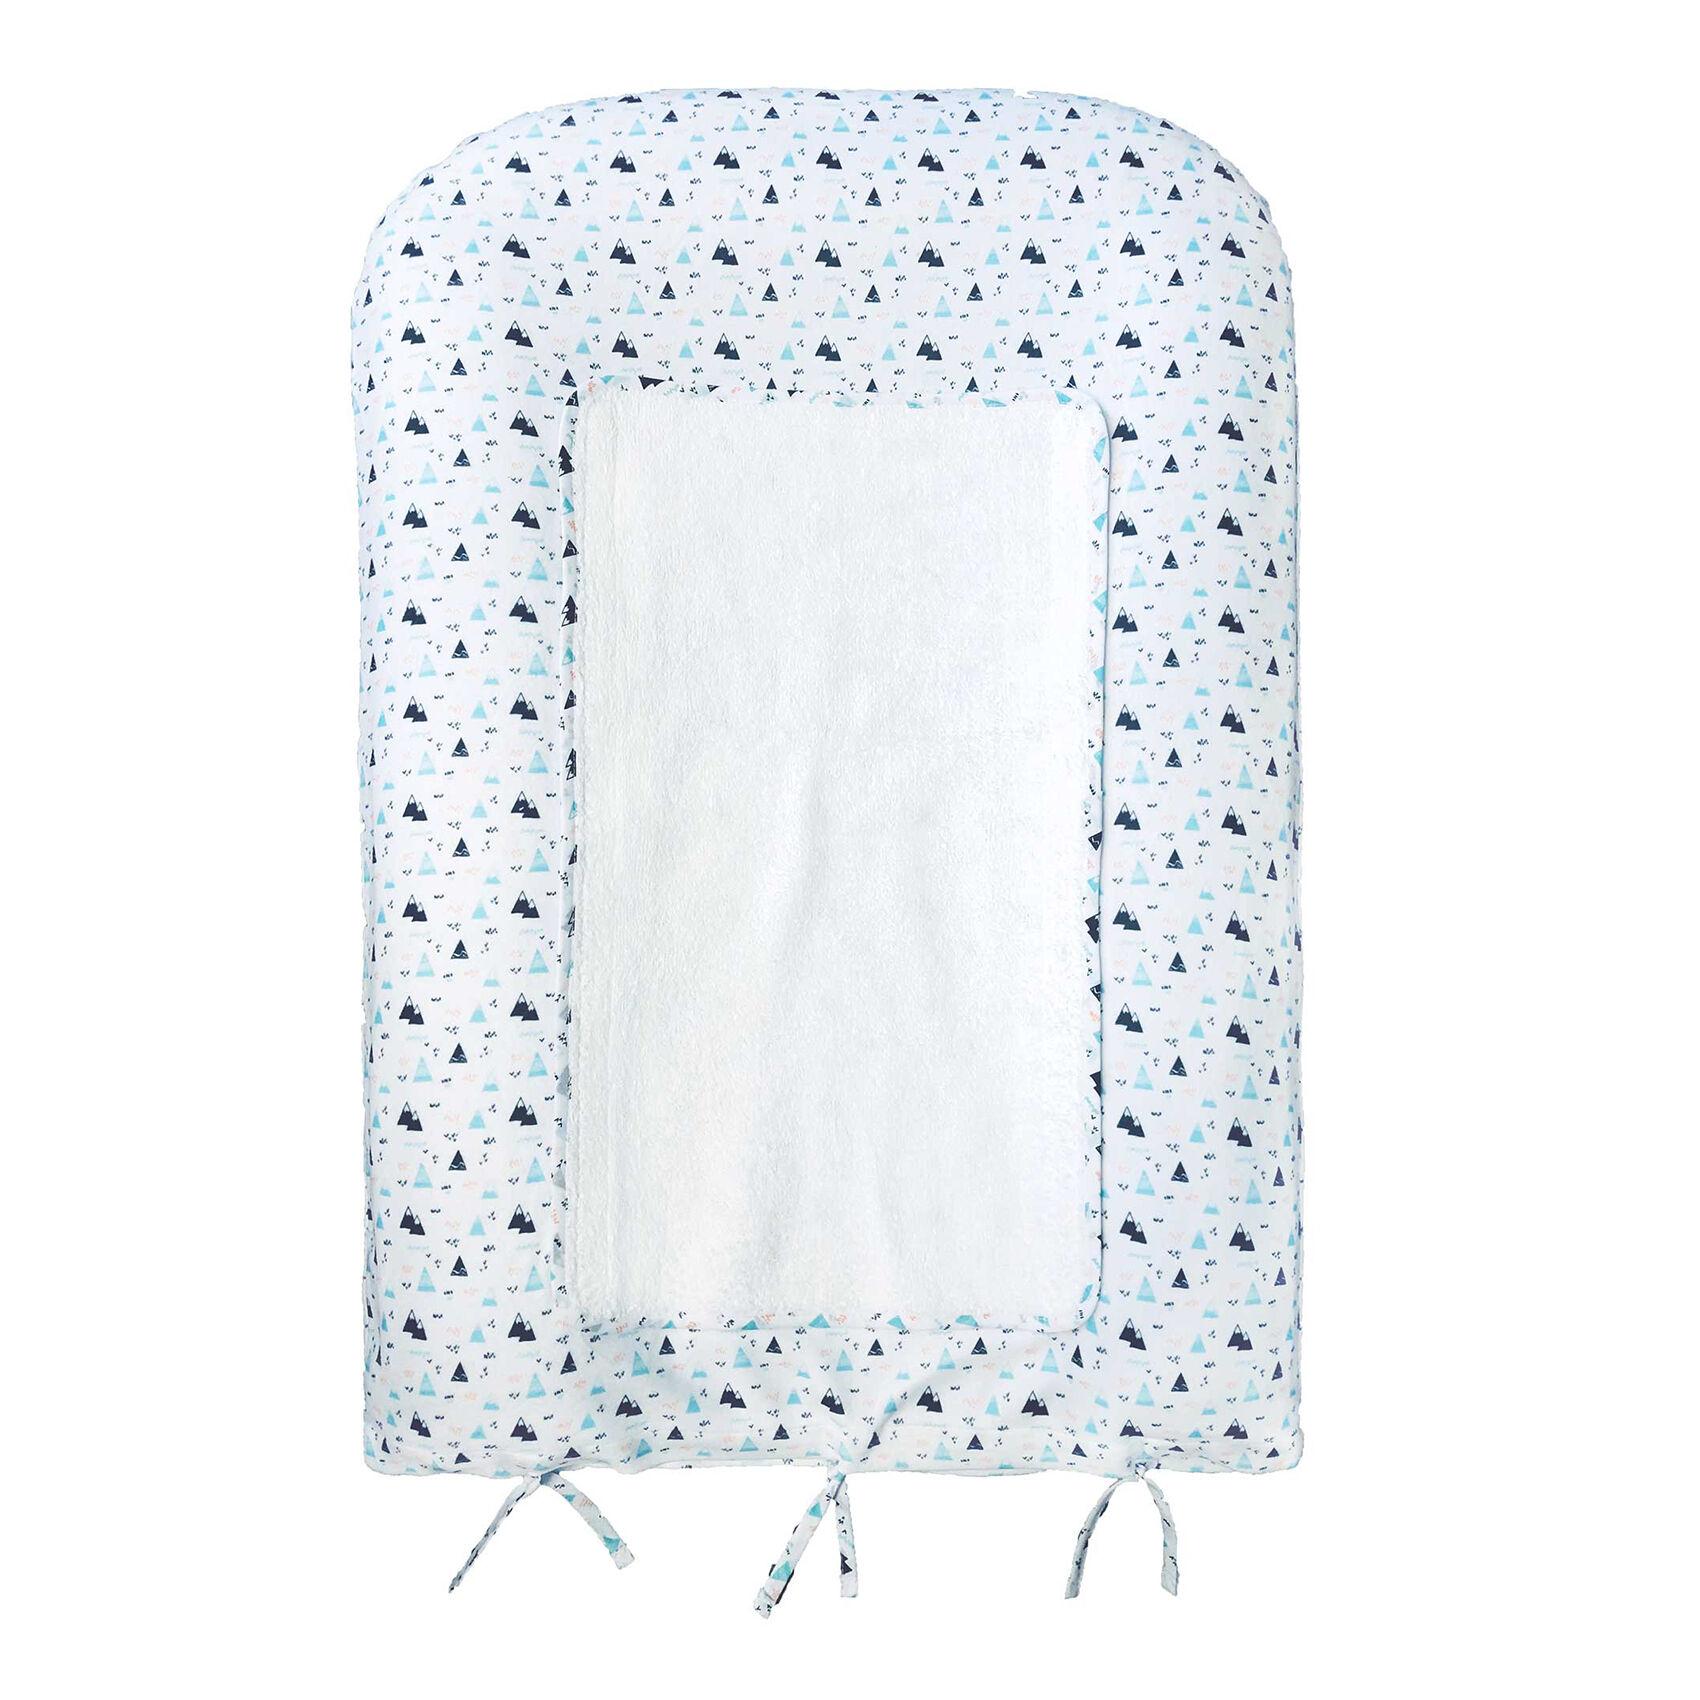 Home Maison Matelas à langer et housse bébé boréale blancAqua 50x75